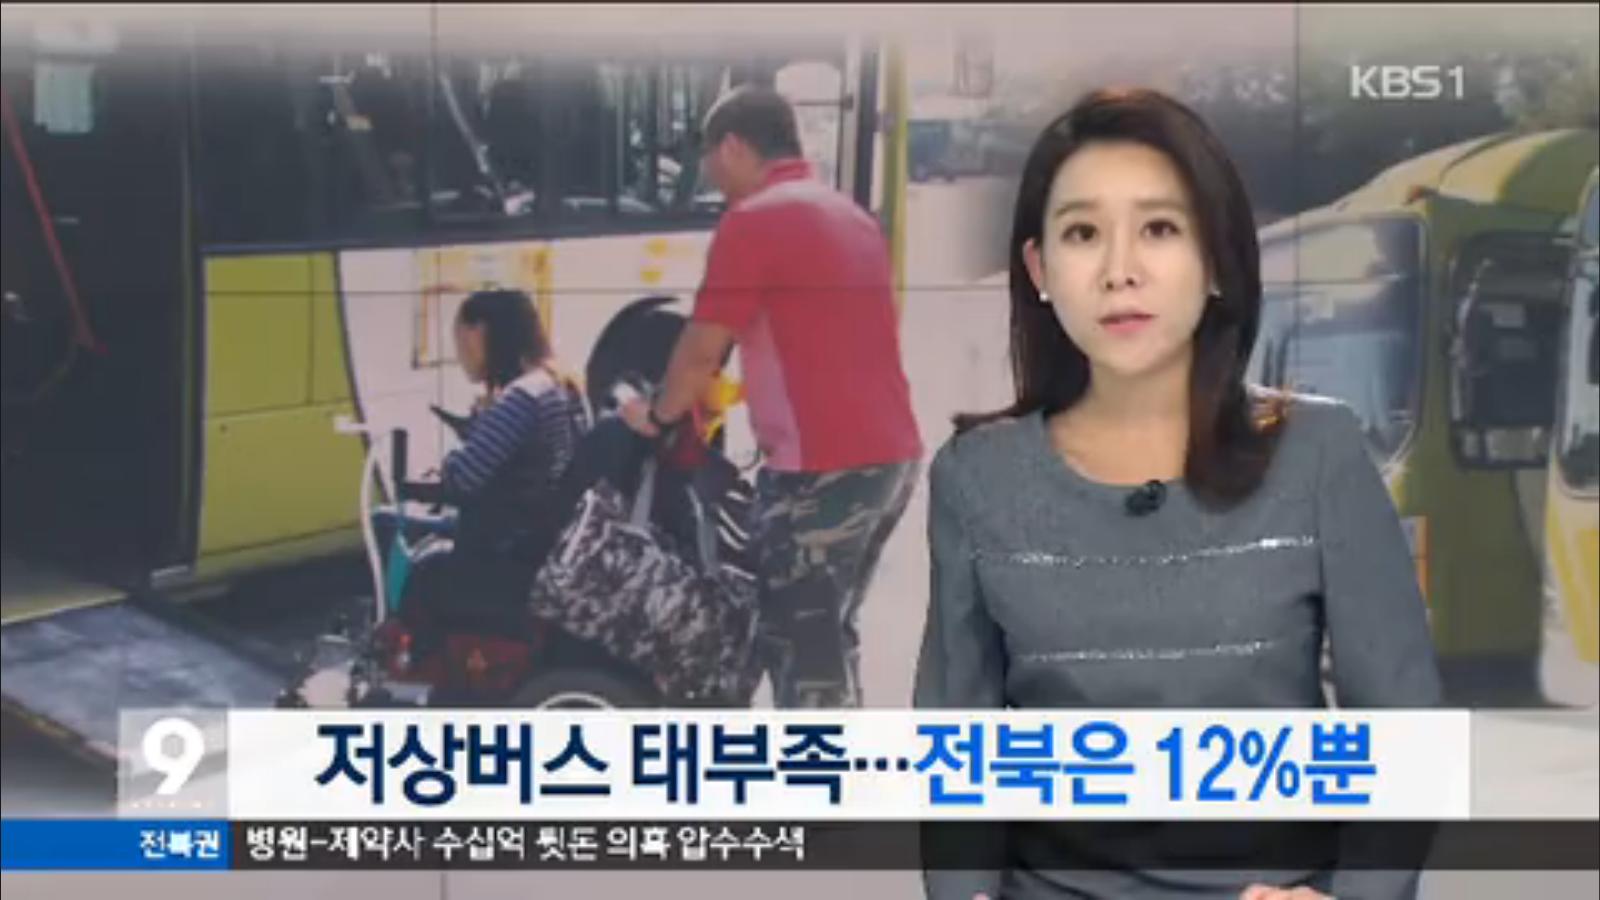 [15.10.19 KBS전주] 전북도 저상버스 태부족, 전국 평균 이하1.png